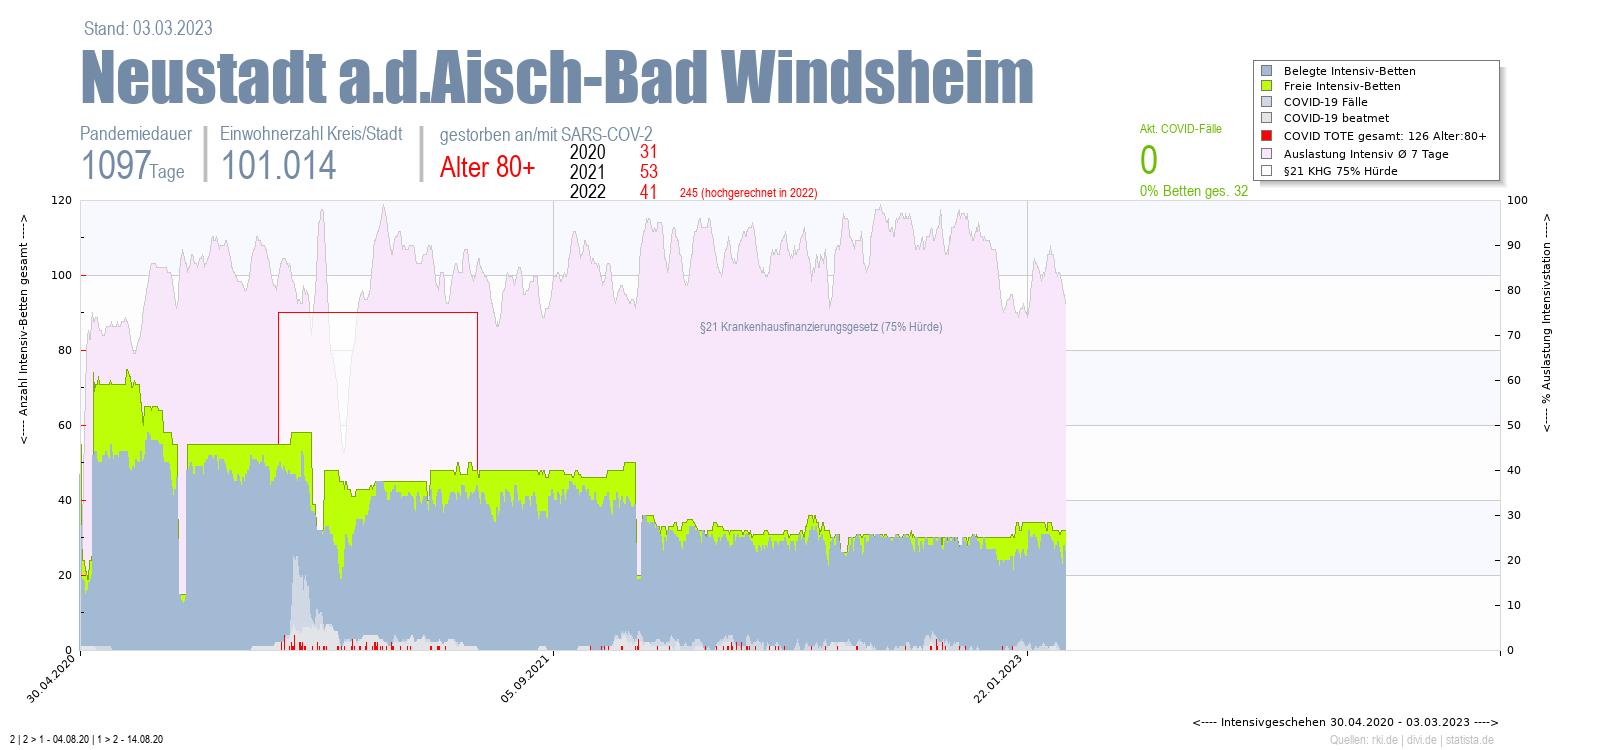 Intensivstation Auslastung Neustadt a.d.Aisch-Bad Windsheim Alter 0-4